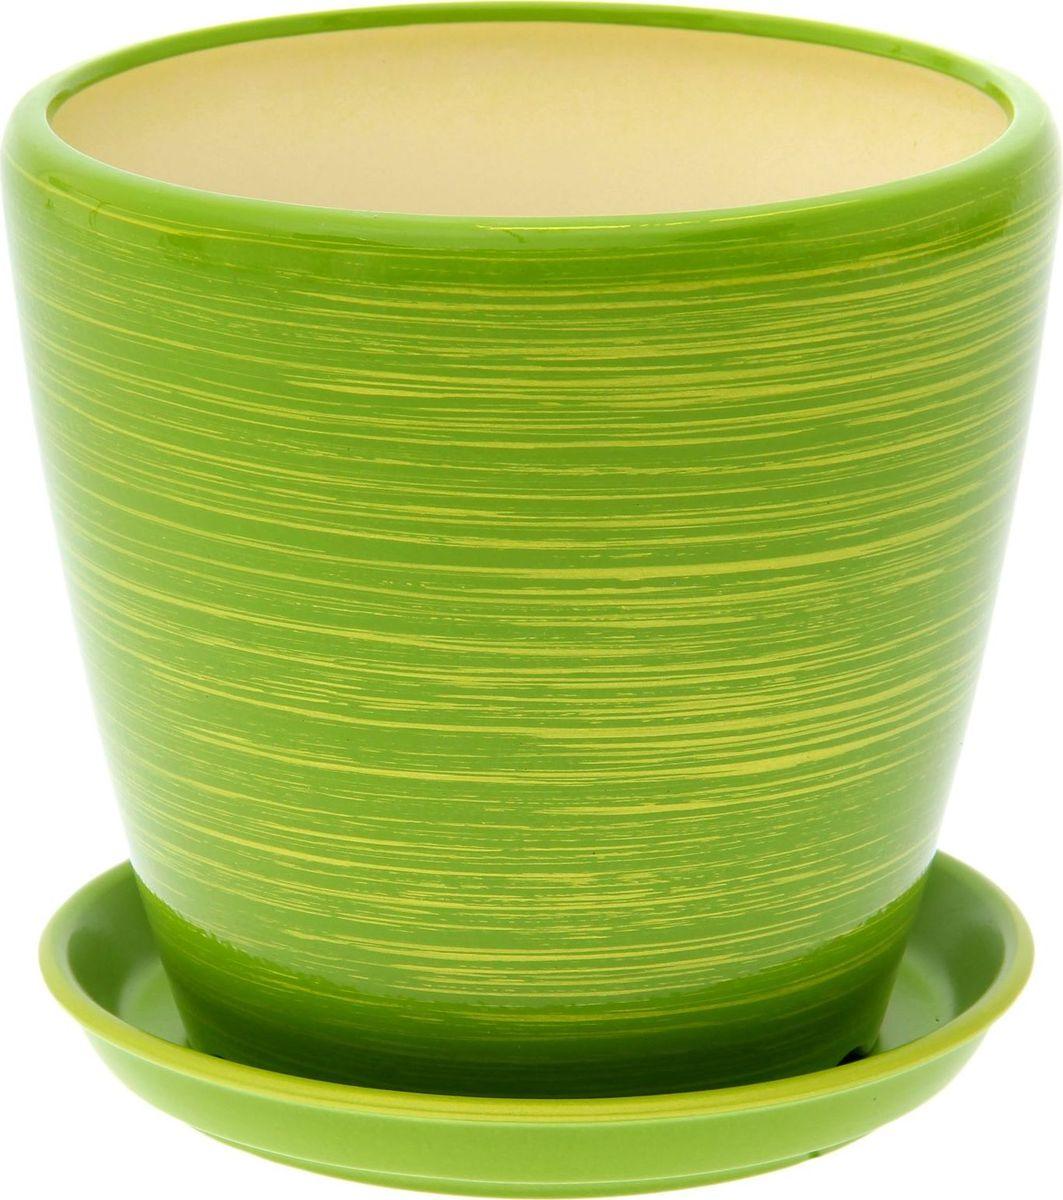 Кашпо Керамика ручной работы Грация, цвет: салатовый, золотистый, 4,5 л1497840Комнатные растения - всеобщие любимцы. Они радуют глаз, насыщают помещение кислородом и украшают пространство. Каждому из них необходим свой удобный и красивый дом. Кашпо Грация из керамики прекрасно подходят для высадки растений: пористый материал позволяет испаряться лишней влаге, а воздух, необходимый для дыхания корней, проникает сквозь керамические стенки.Кашпо Грация позаботится о зеленом питомце, освежит интерьер и подчеркнет его стиль.